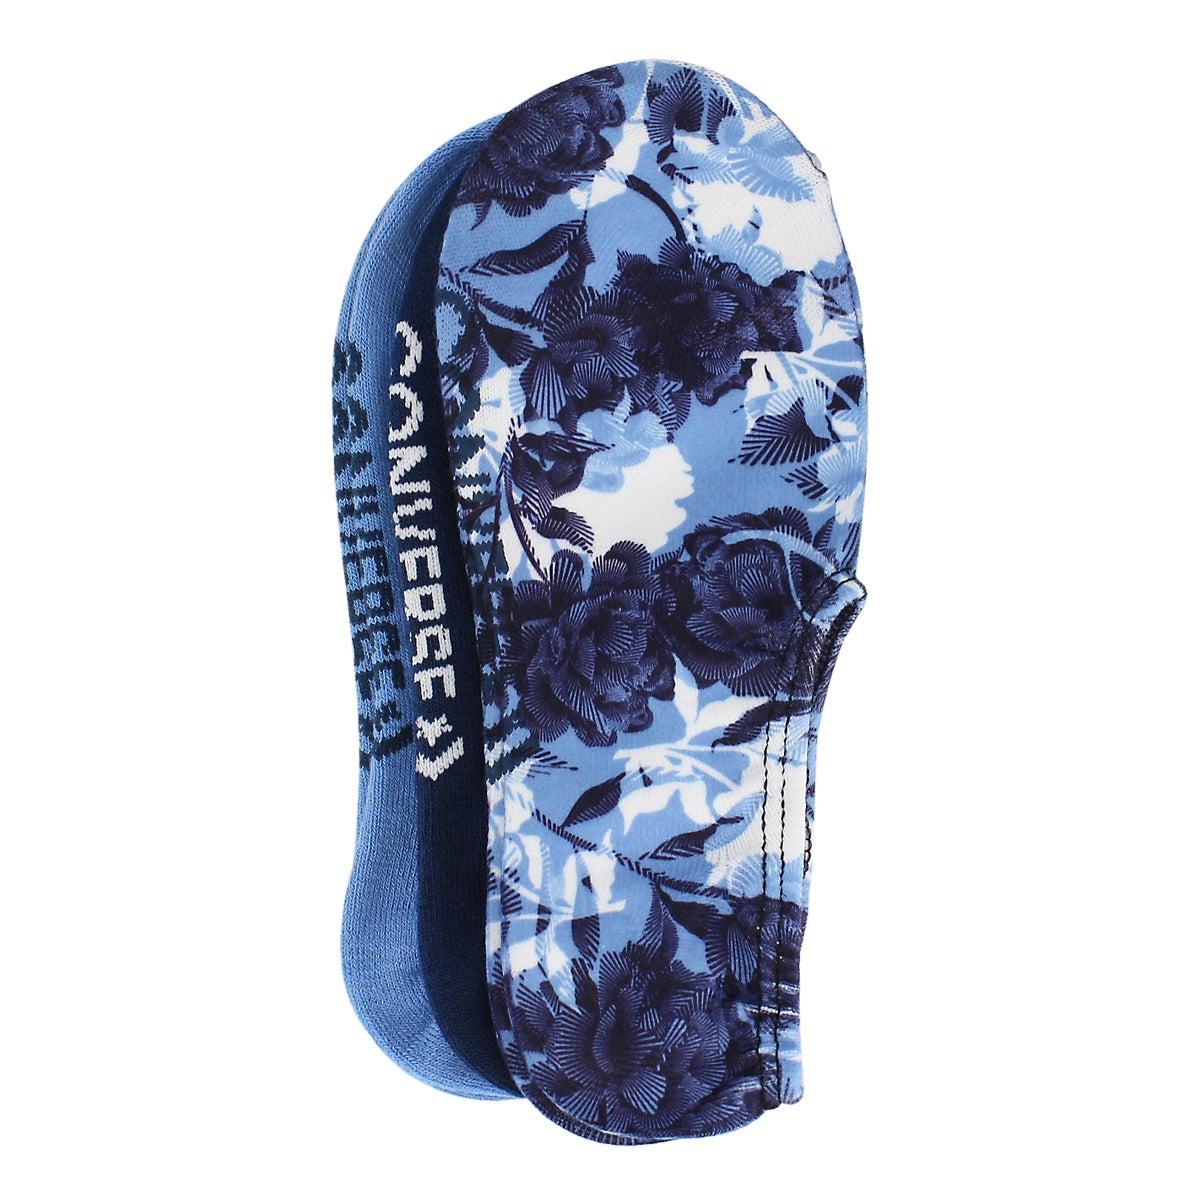 Lds Floral No Show blue print sock 3 pk